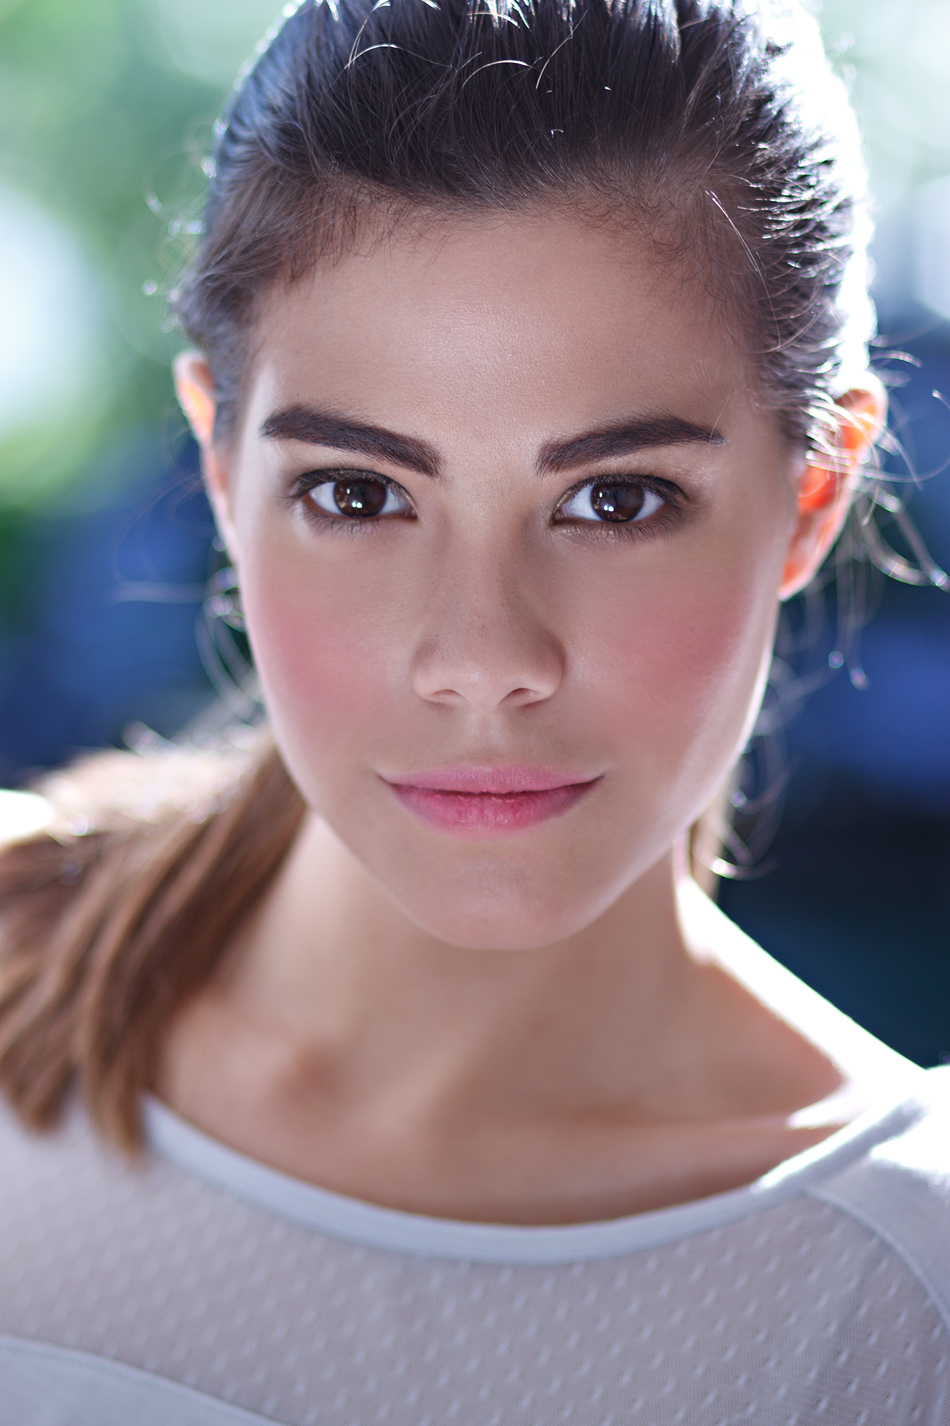 Patty Mendoza: portraits/beauty: Bea Mantecon